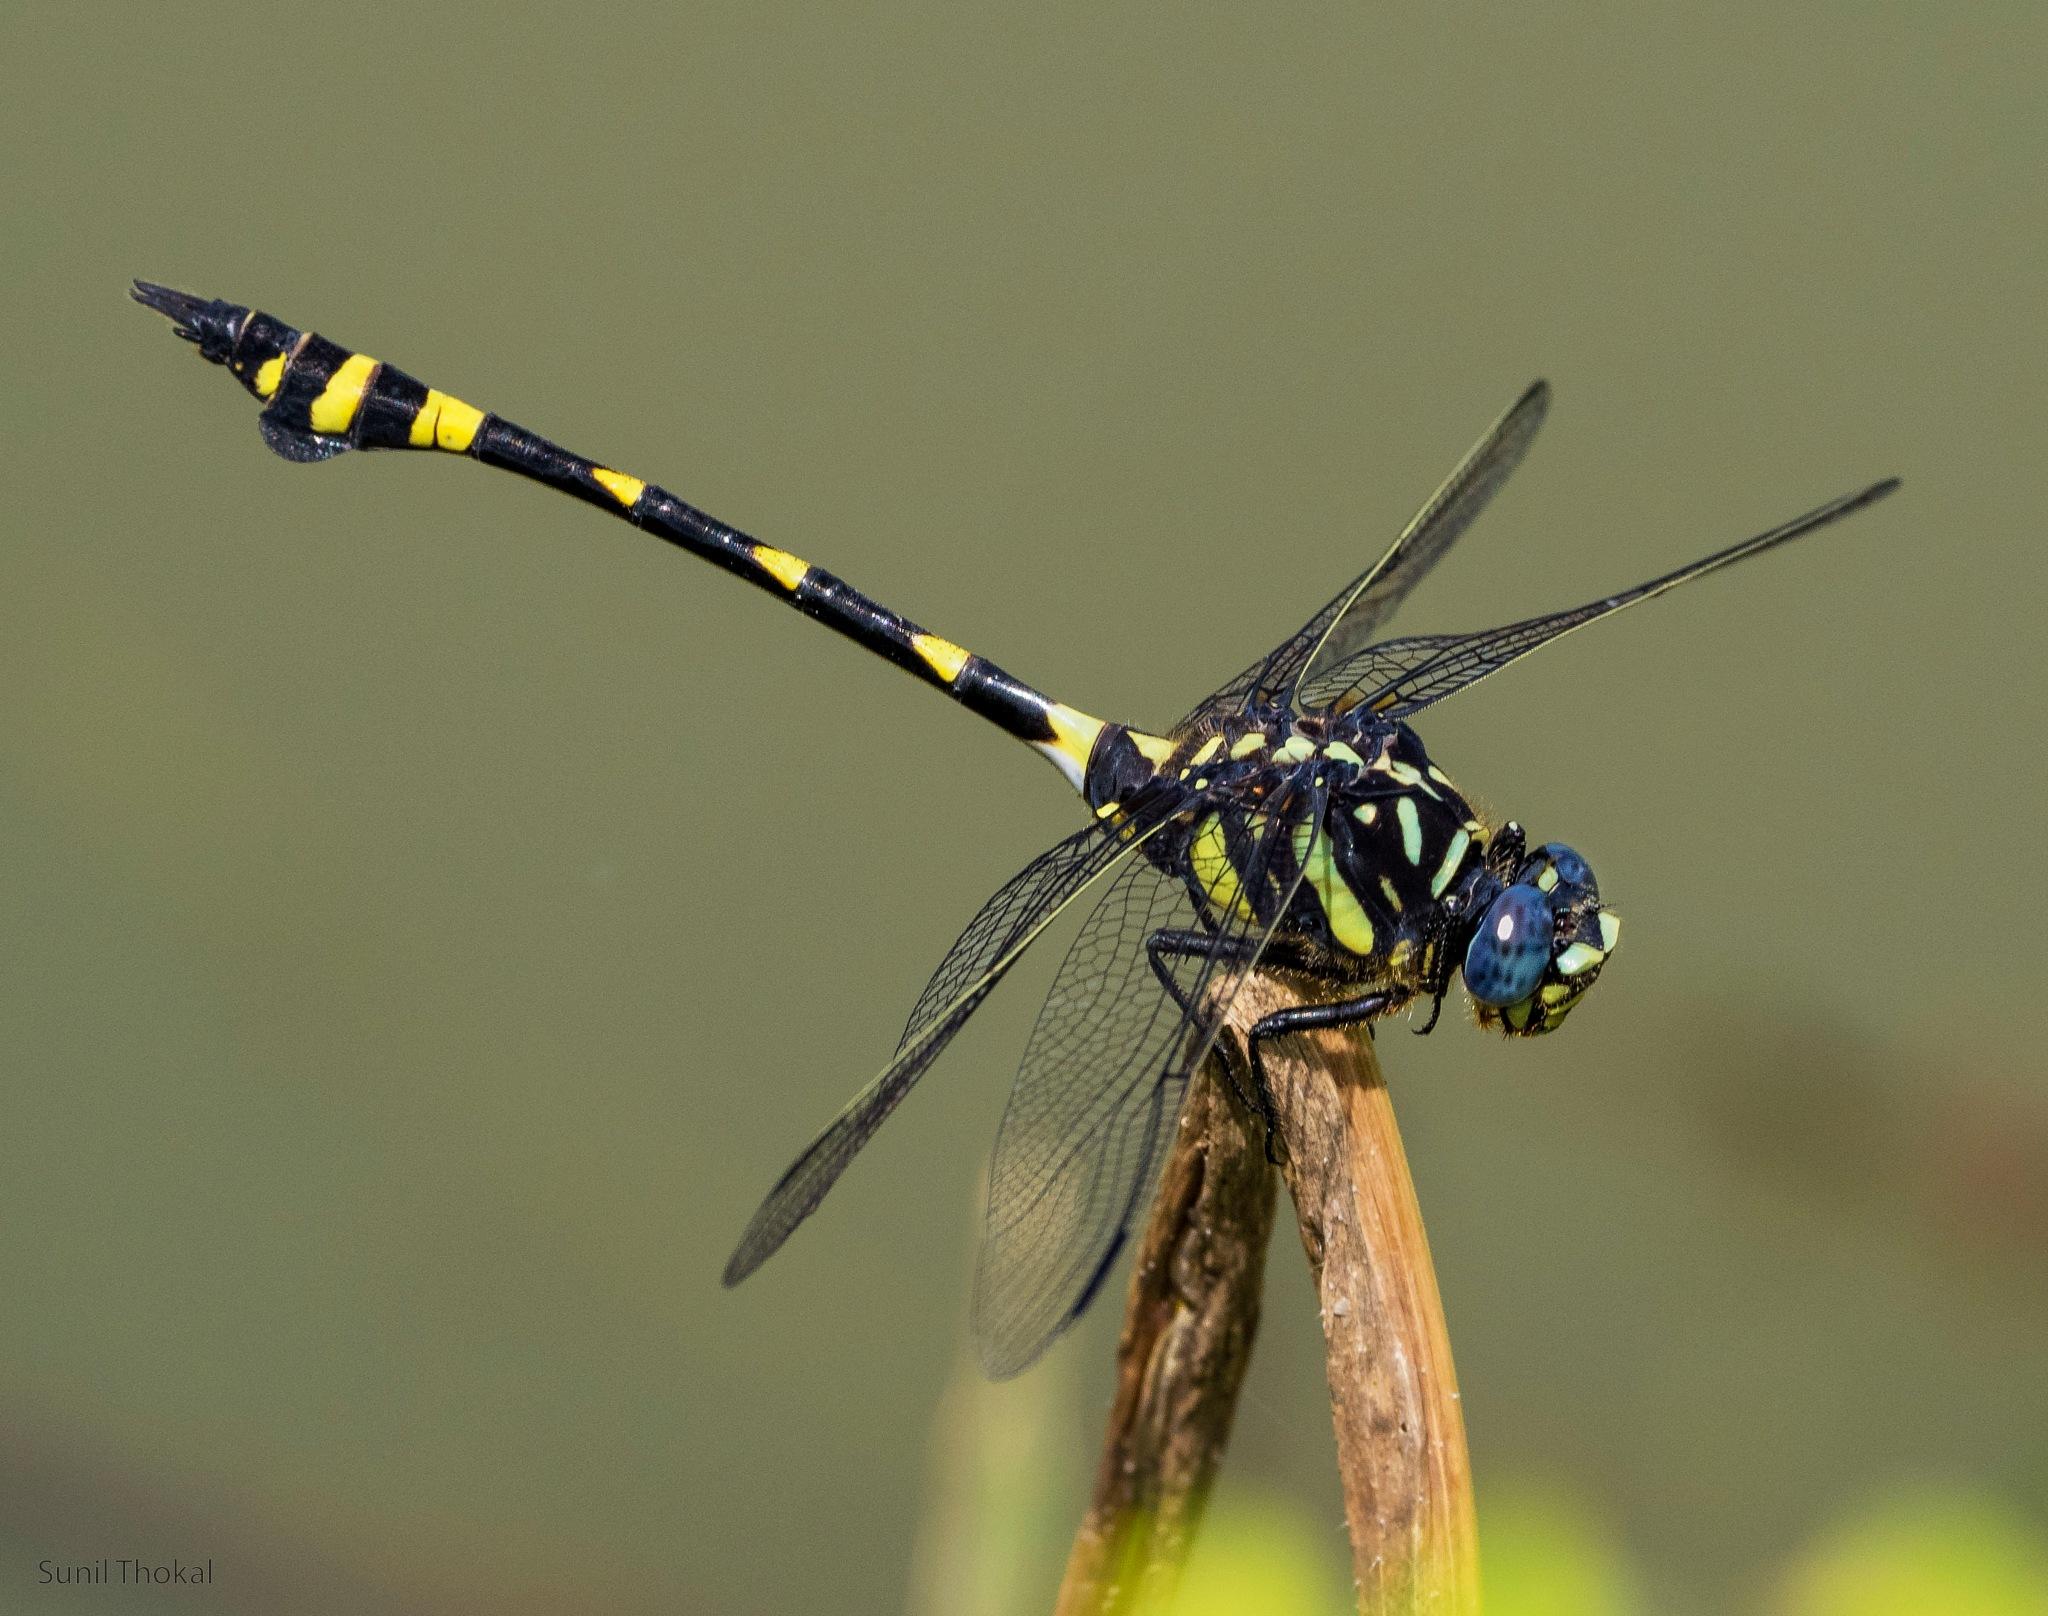 Dragon-fly by Sunil Prabhakar Thokal